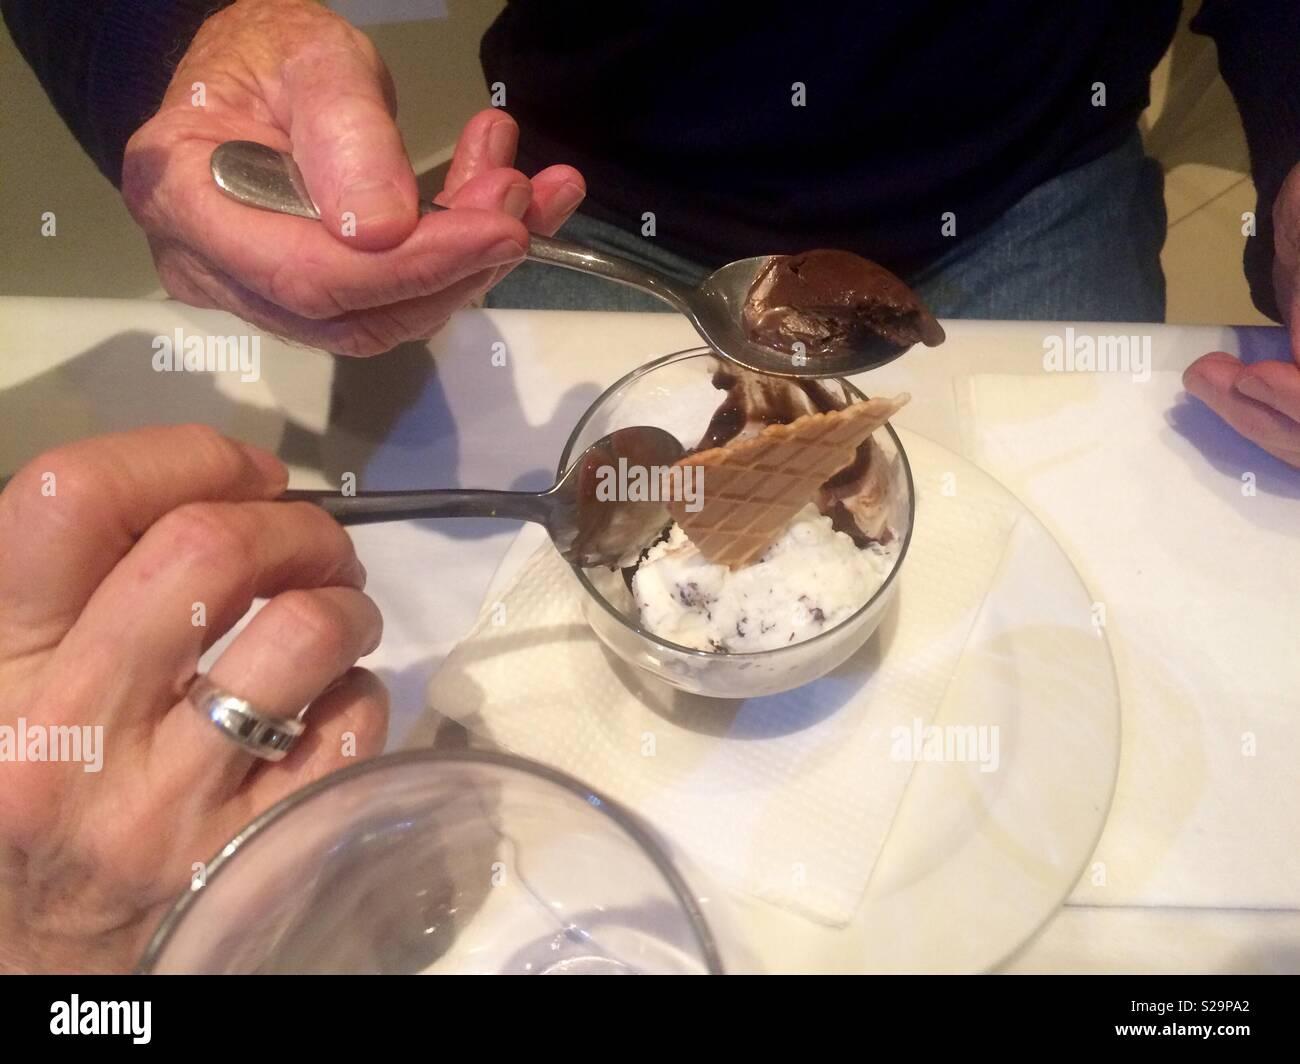 Parejas Manos Compartiendo Y Comiendo Un Helado En Un Restaurante De